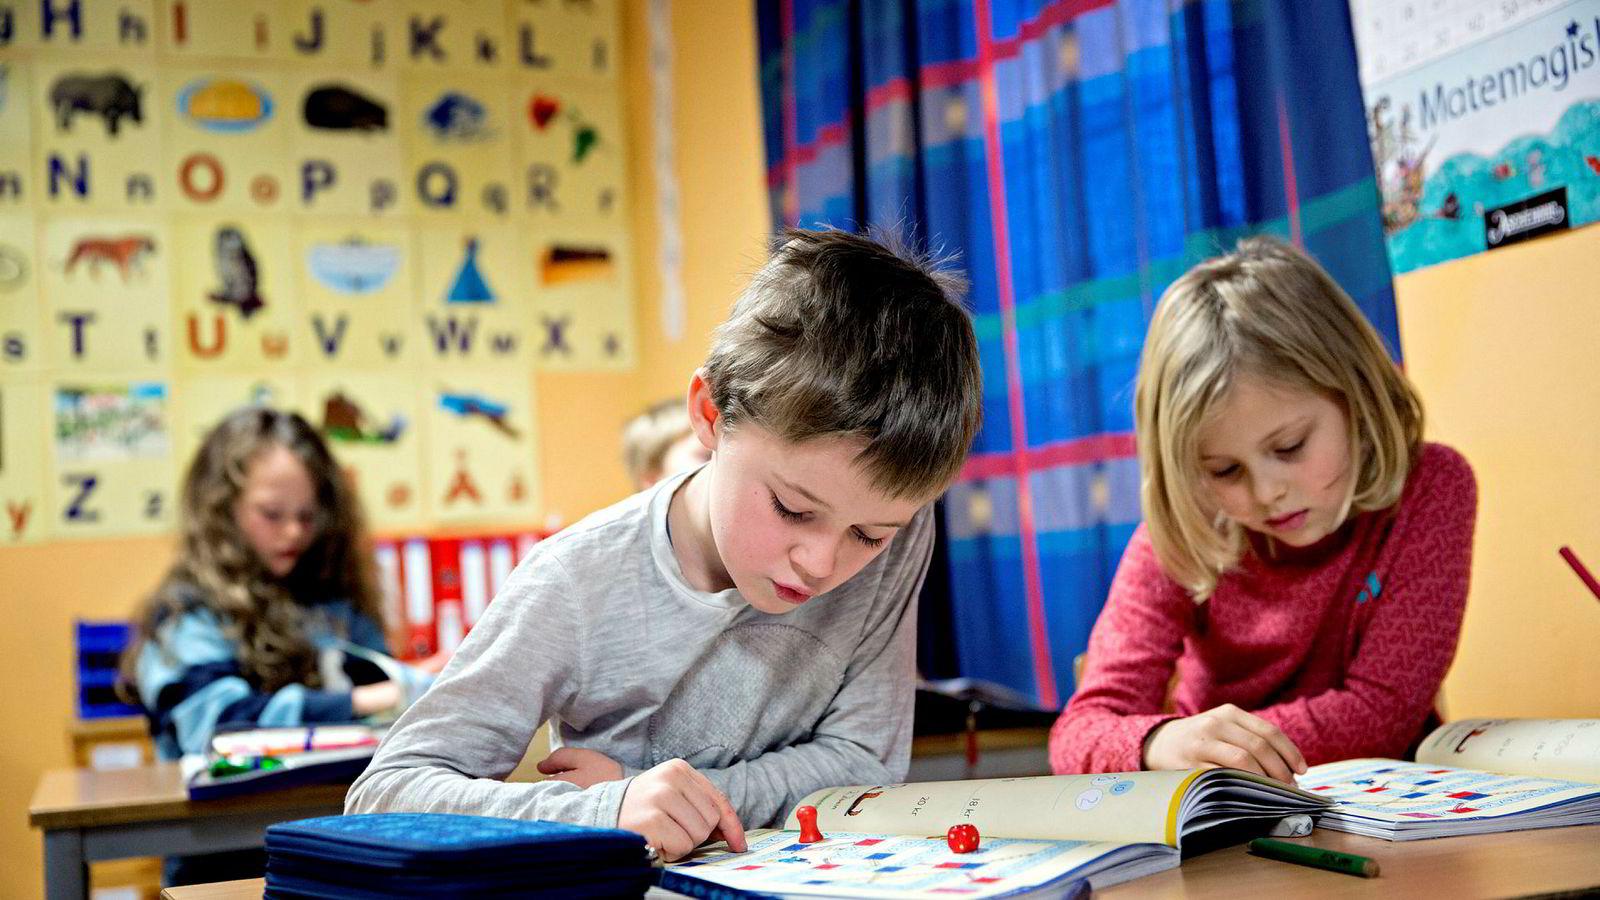 Barn lærer bedre når de får nok å spise. Men dette er stadig ikke et godt argument for statlige matpakkedirektiver.